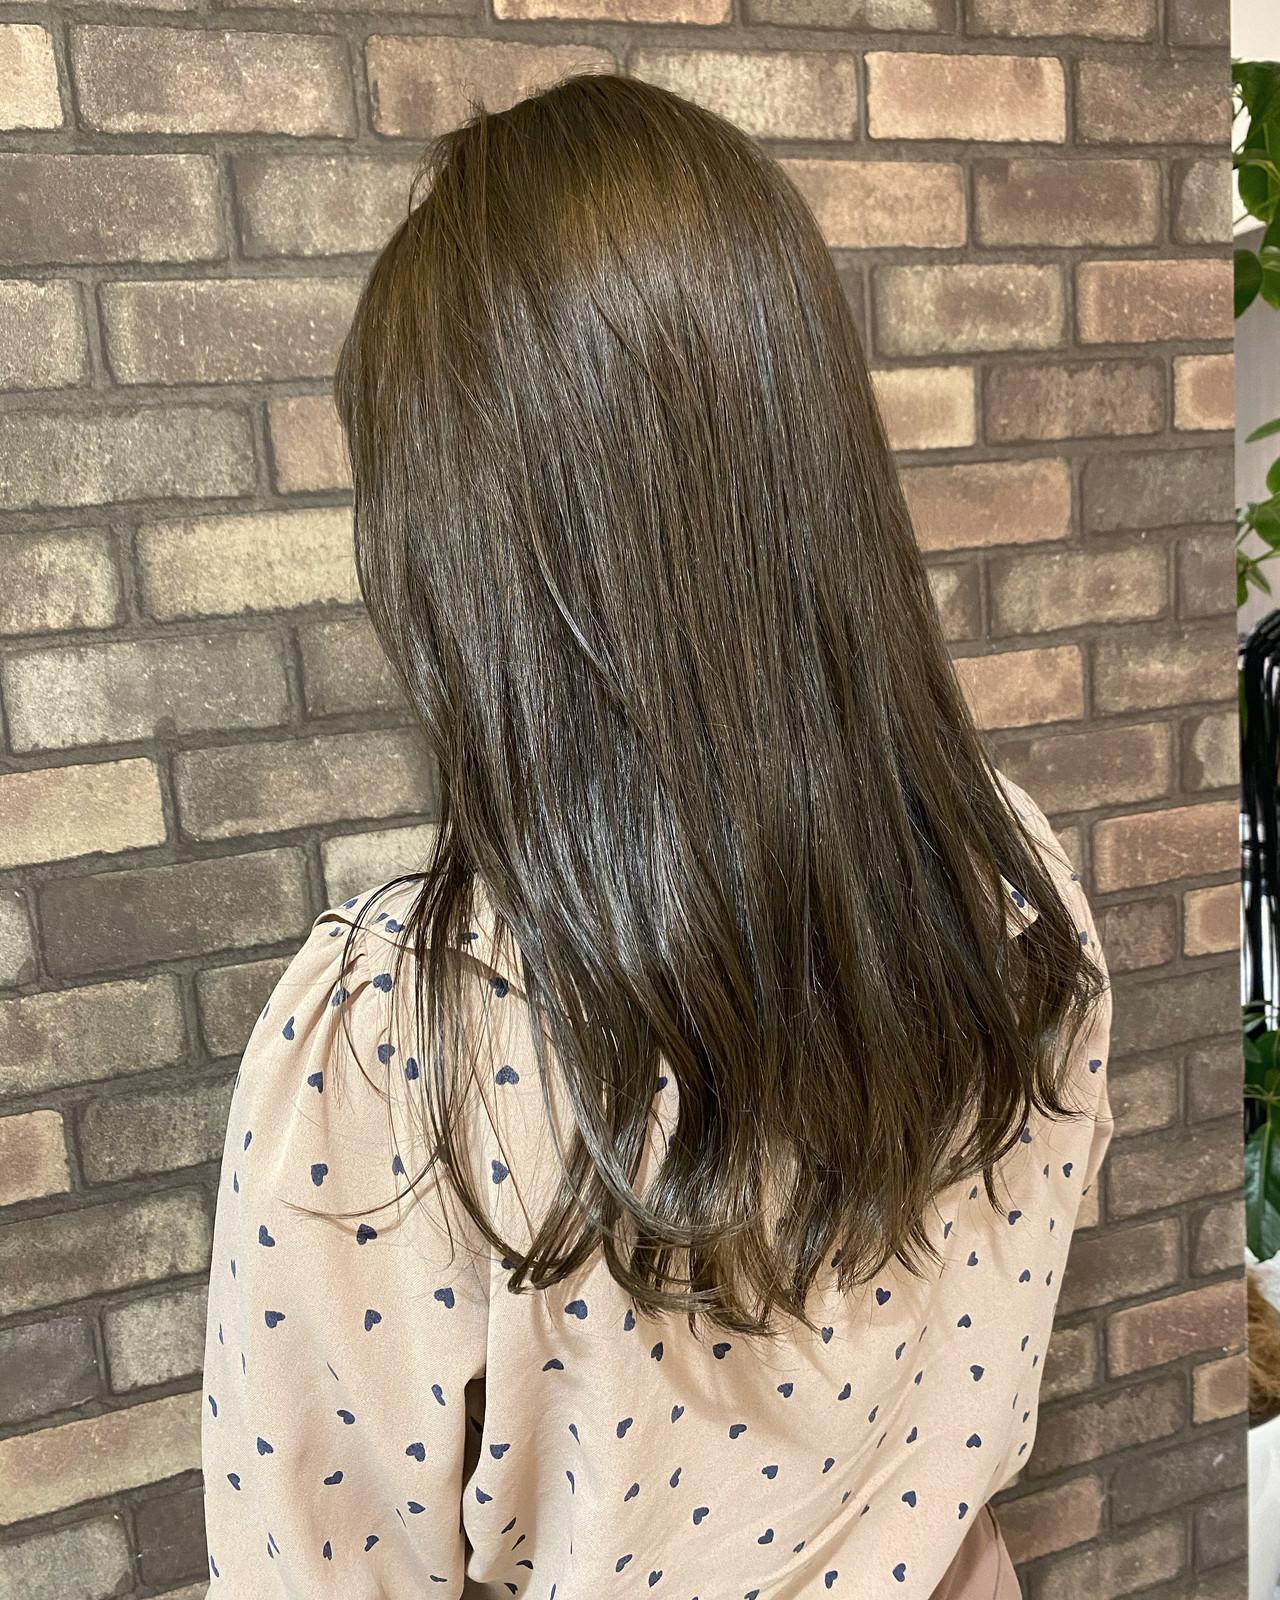 透明感 ナチュラル 大人ミディアム N.オイル ヘアスタイルや髪型の写真・画像